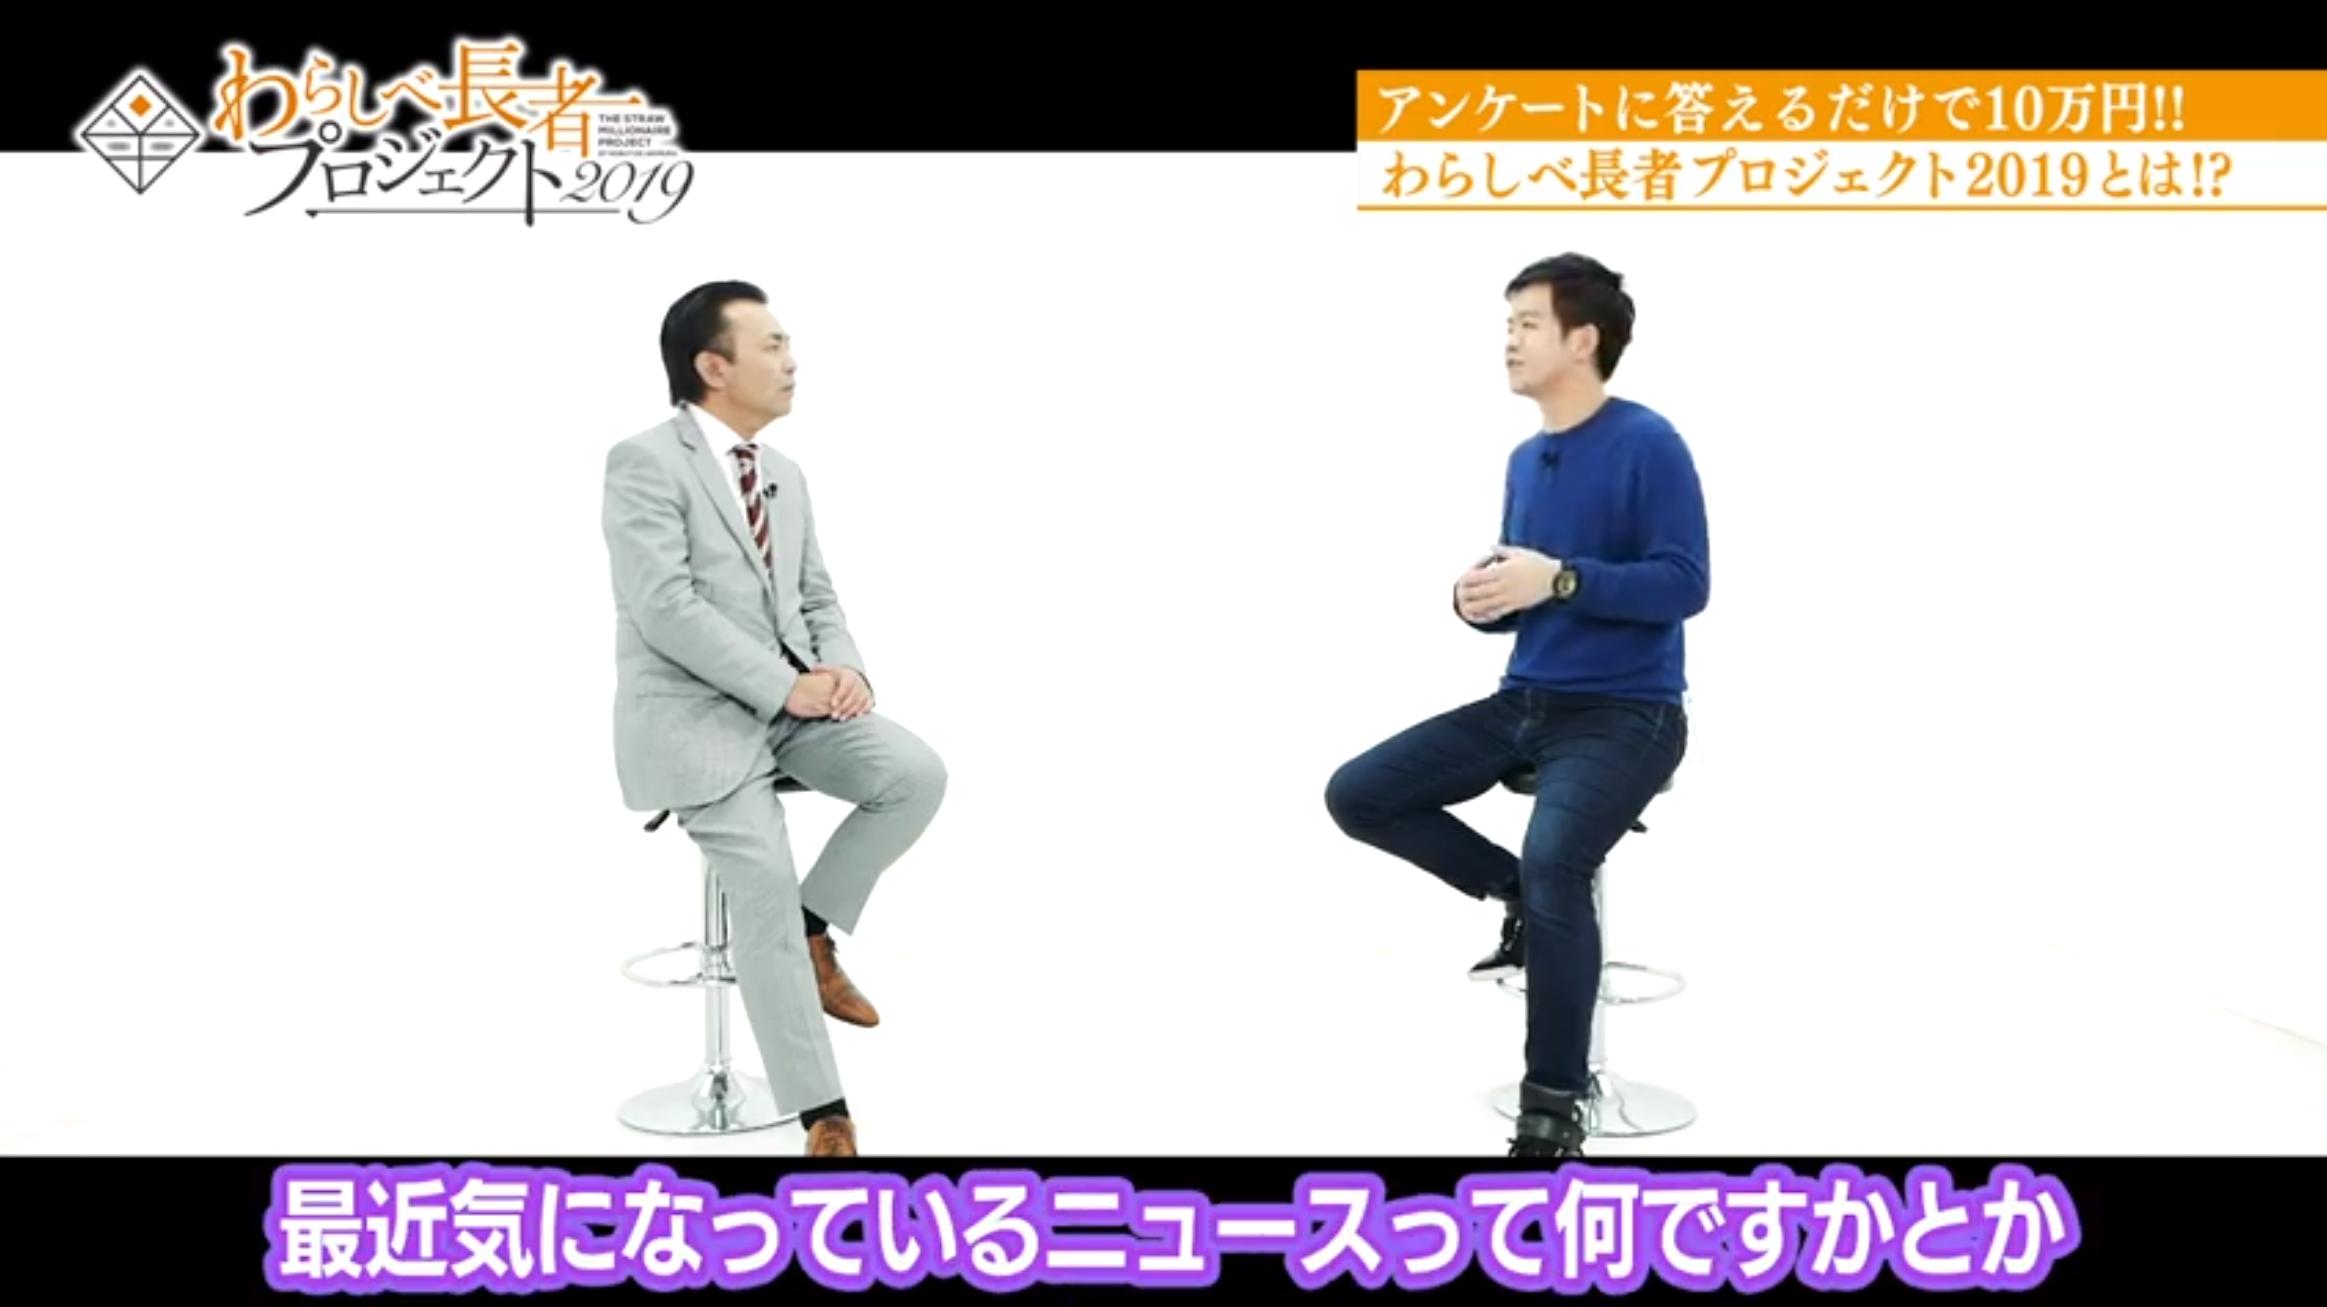 有村ノブユキ わらしべ長者プロジェクト2019 YouTube画像3